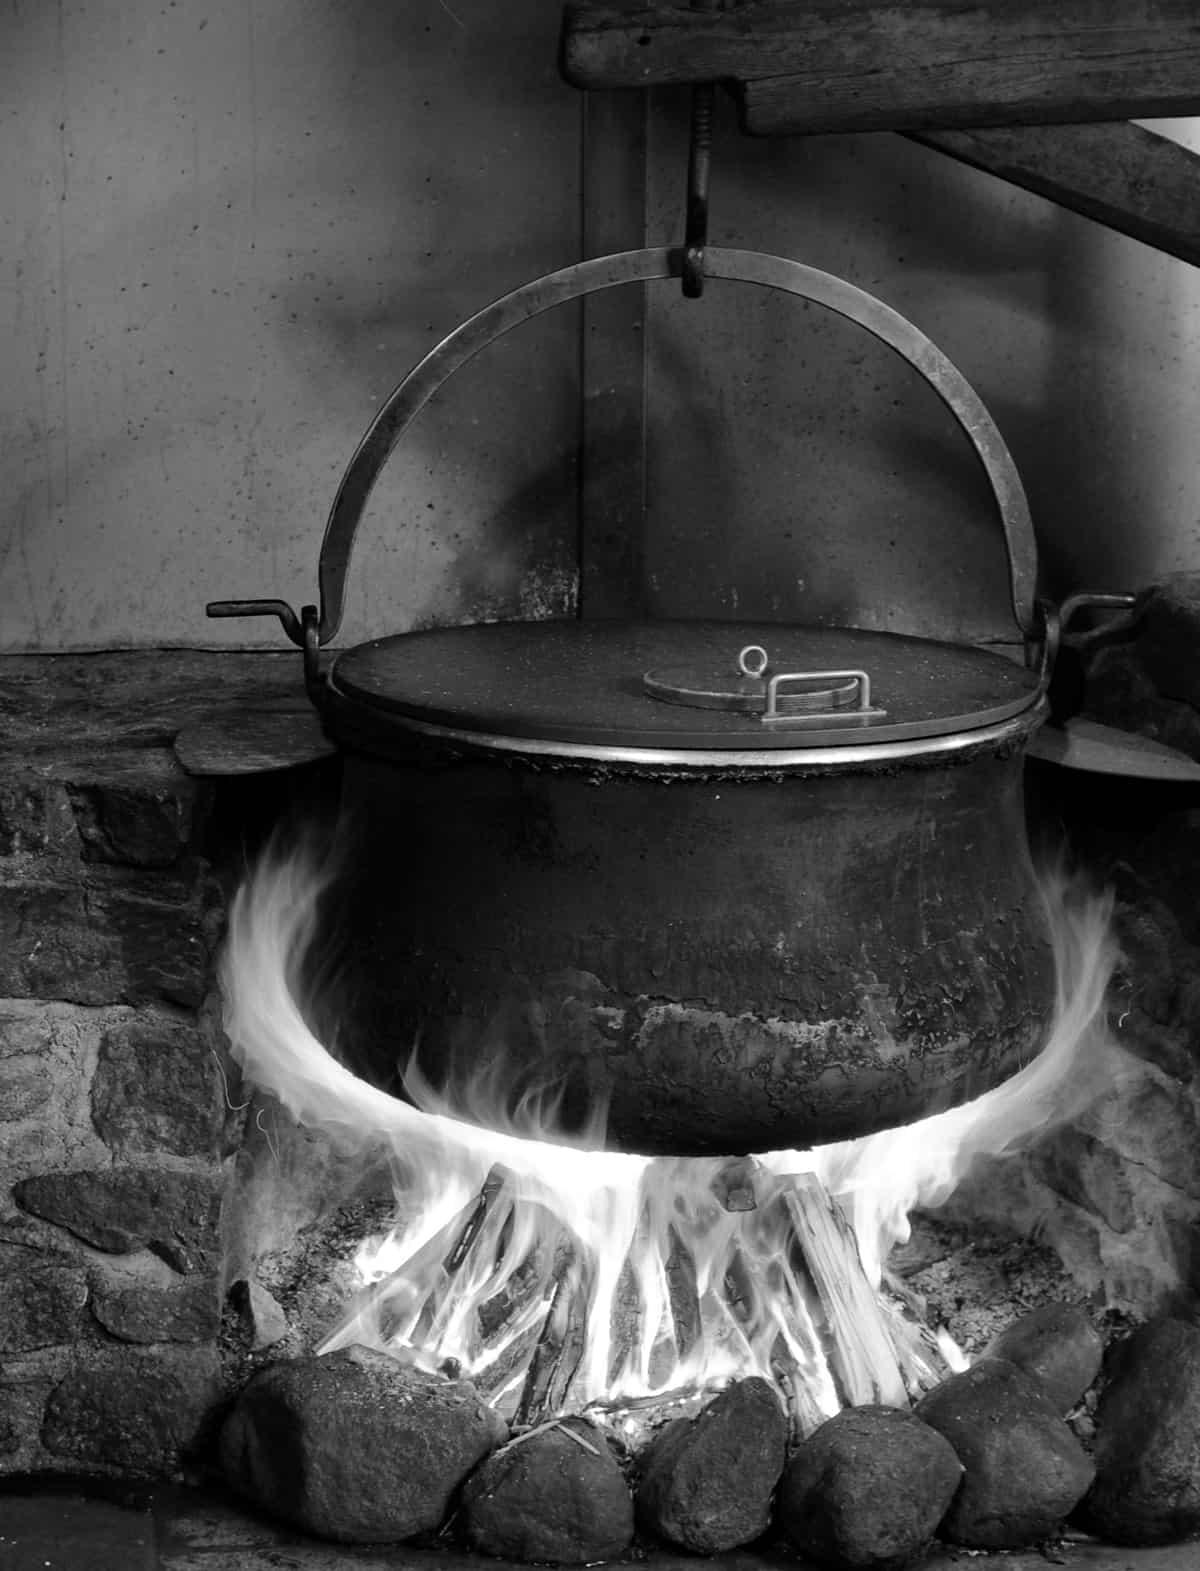 Kessel hängt über Feuer, schwarz-weiß